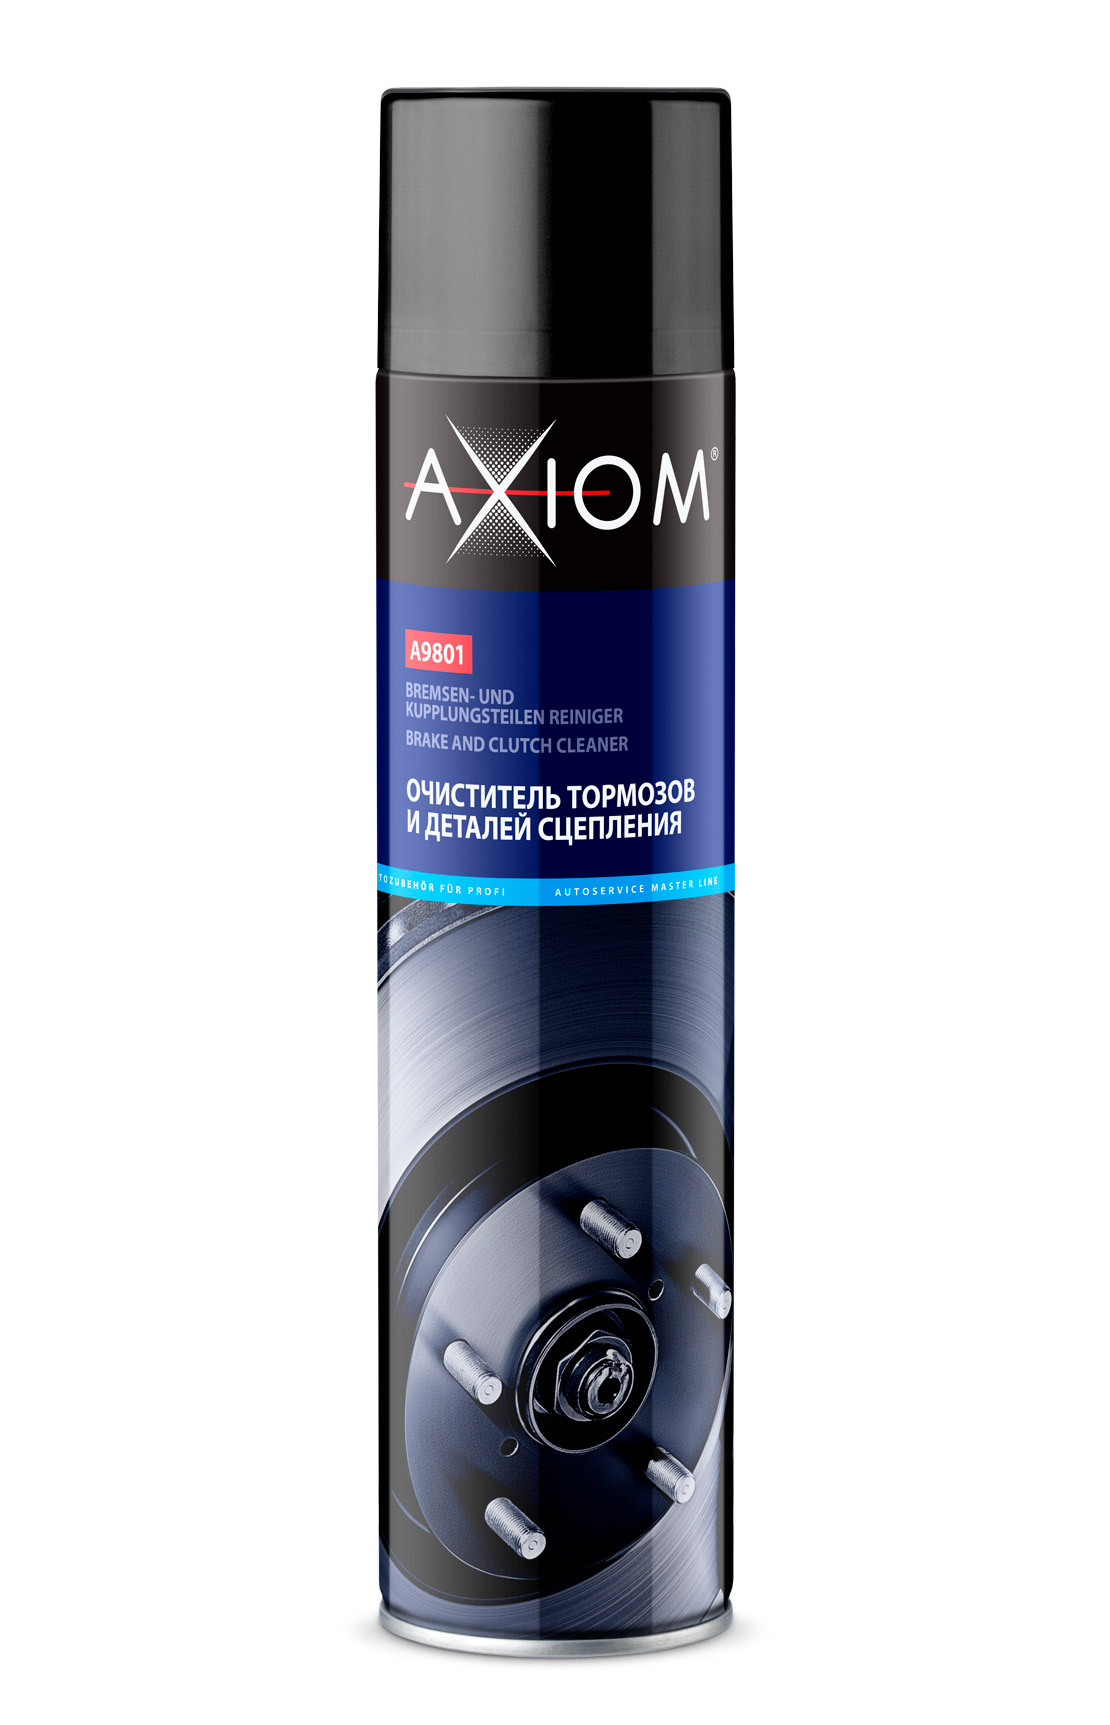 Очиститель тормозов и деталей сцепления AXIOM